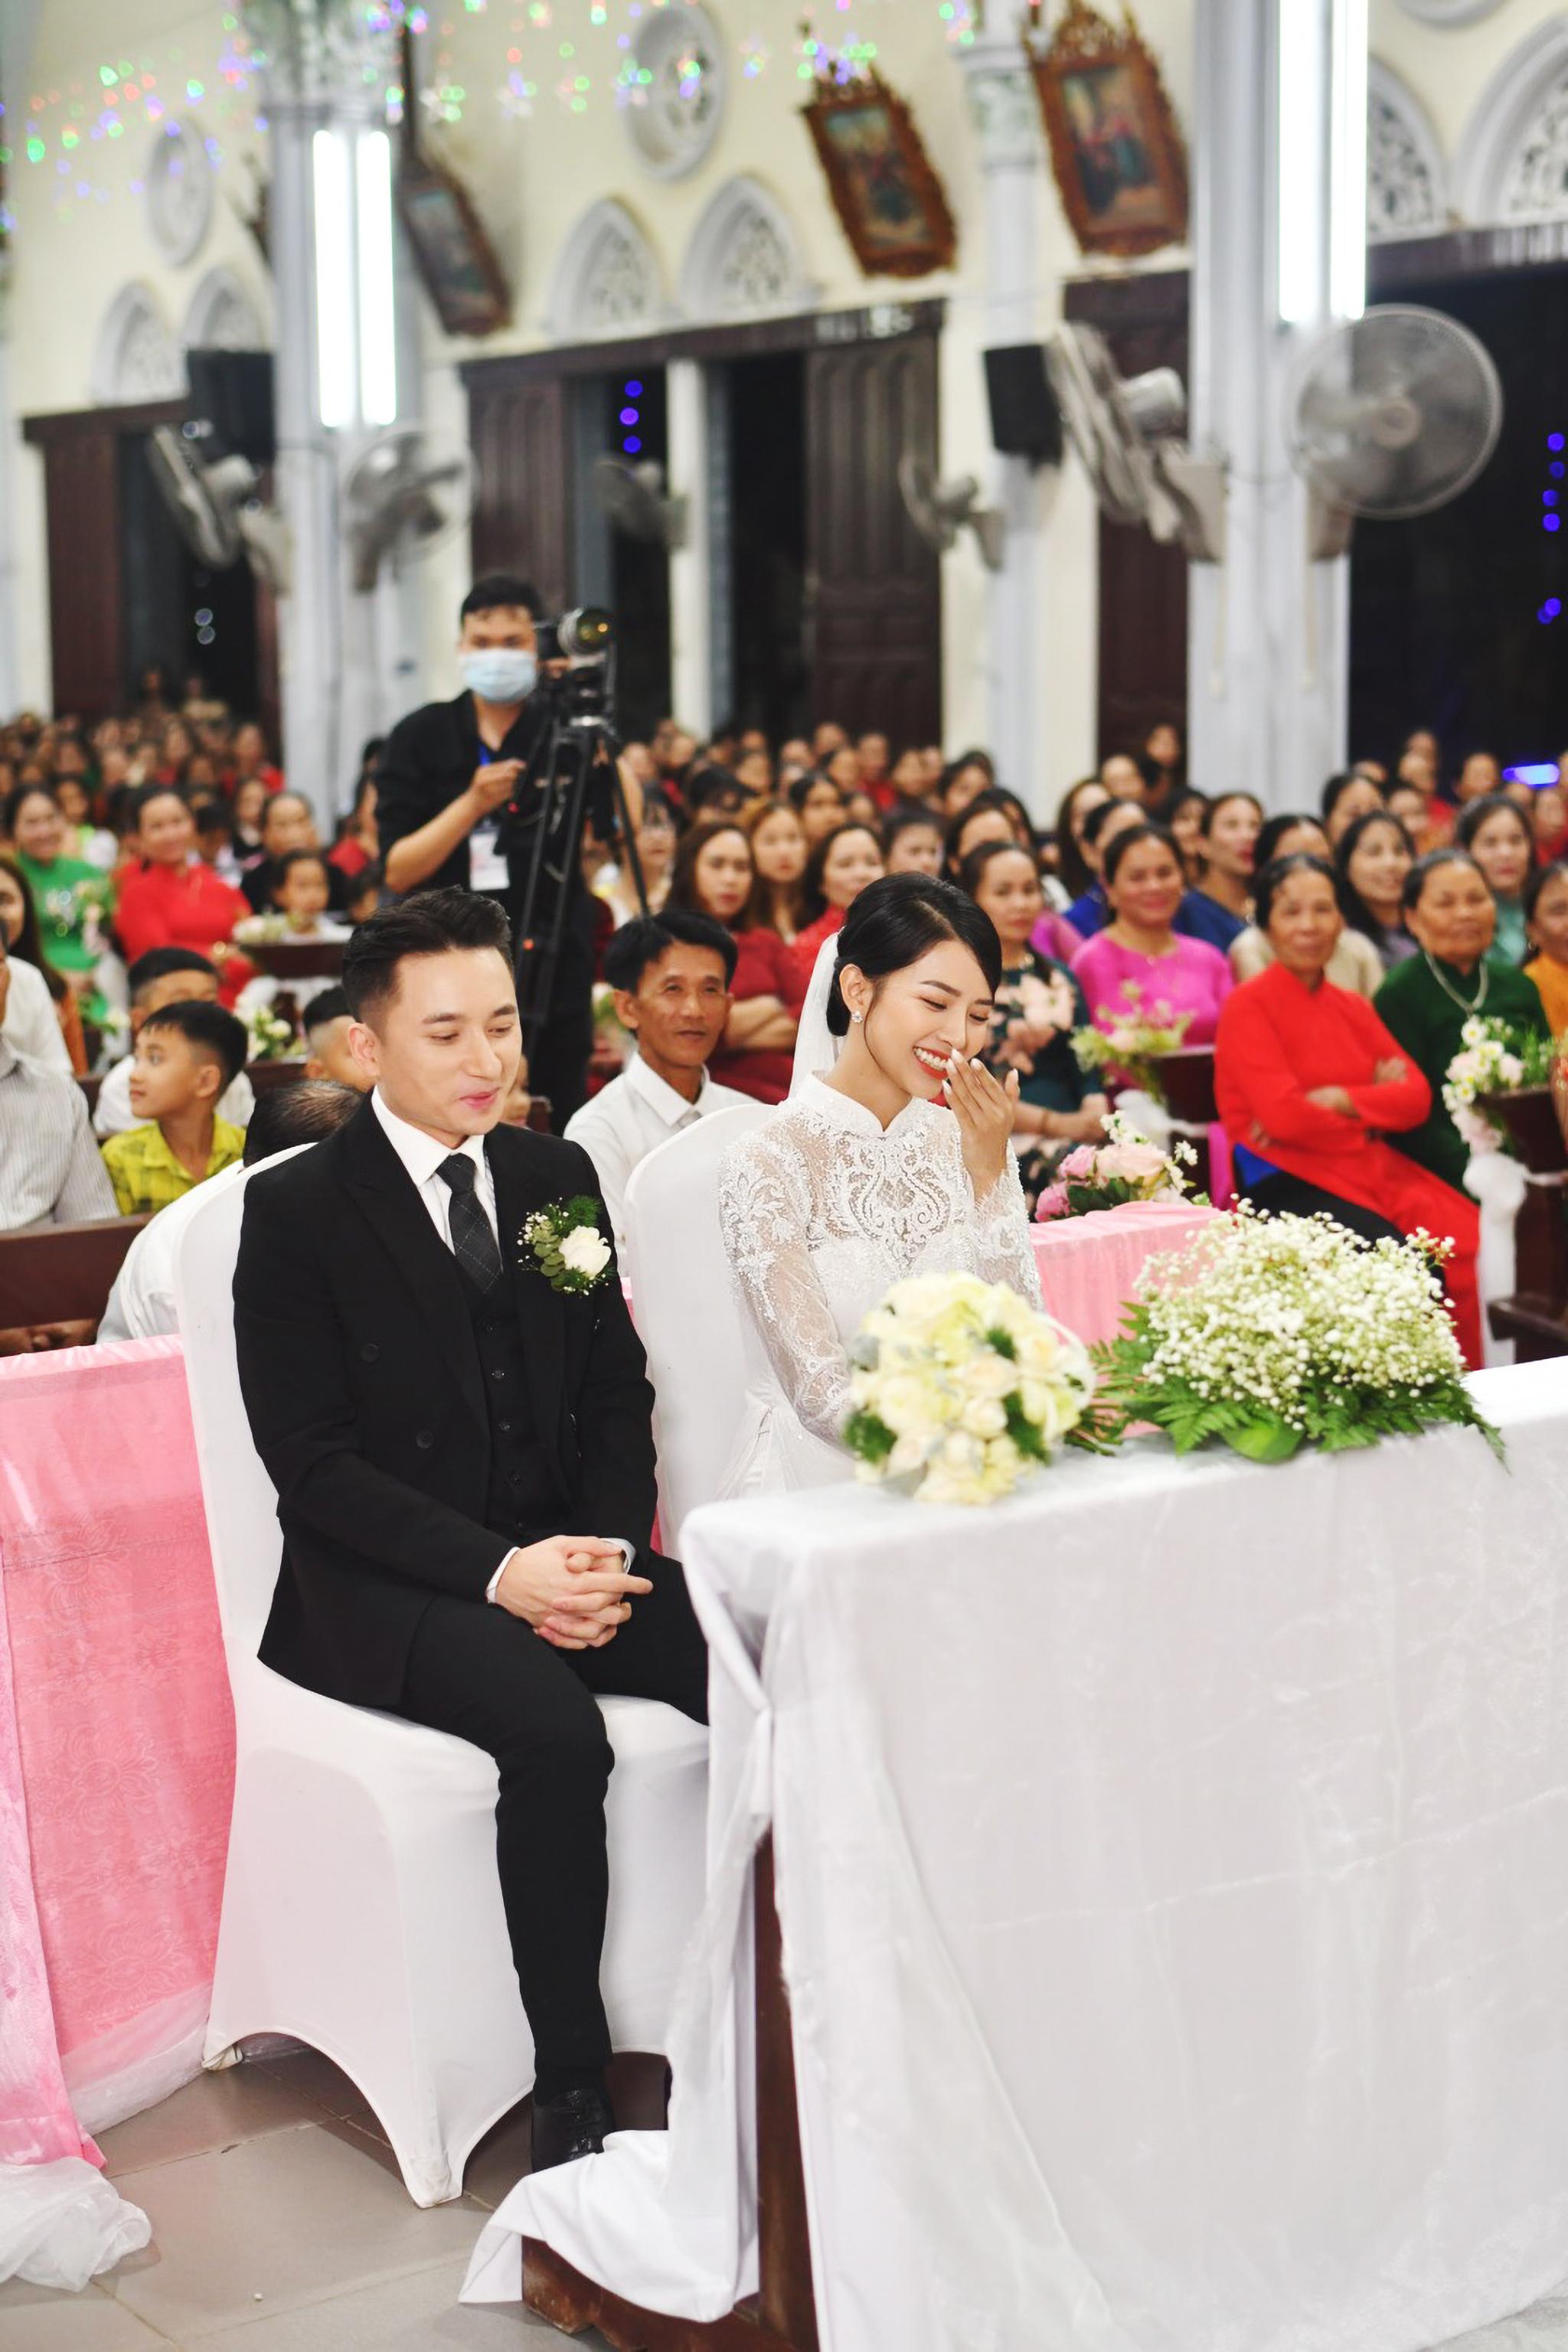 Bóc áo dài cưới của vợ Phan Mạnh Quỳnh: Đính tới 8000 viên đá swarovski đắt tiền, đai corset làm nổi vòng 2 siêu thực của cô dâu - Ảnh 5.